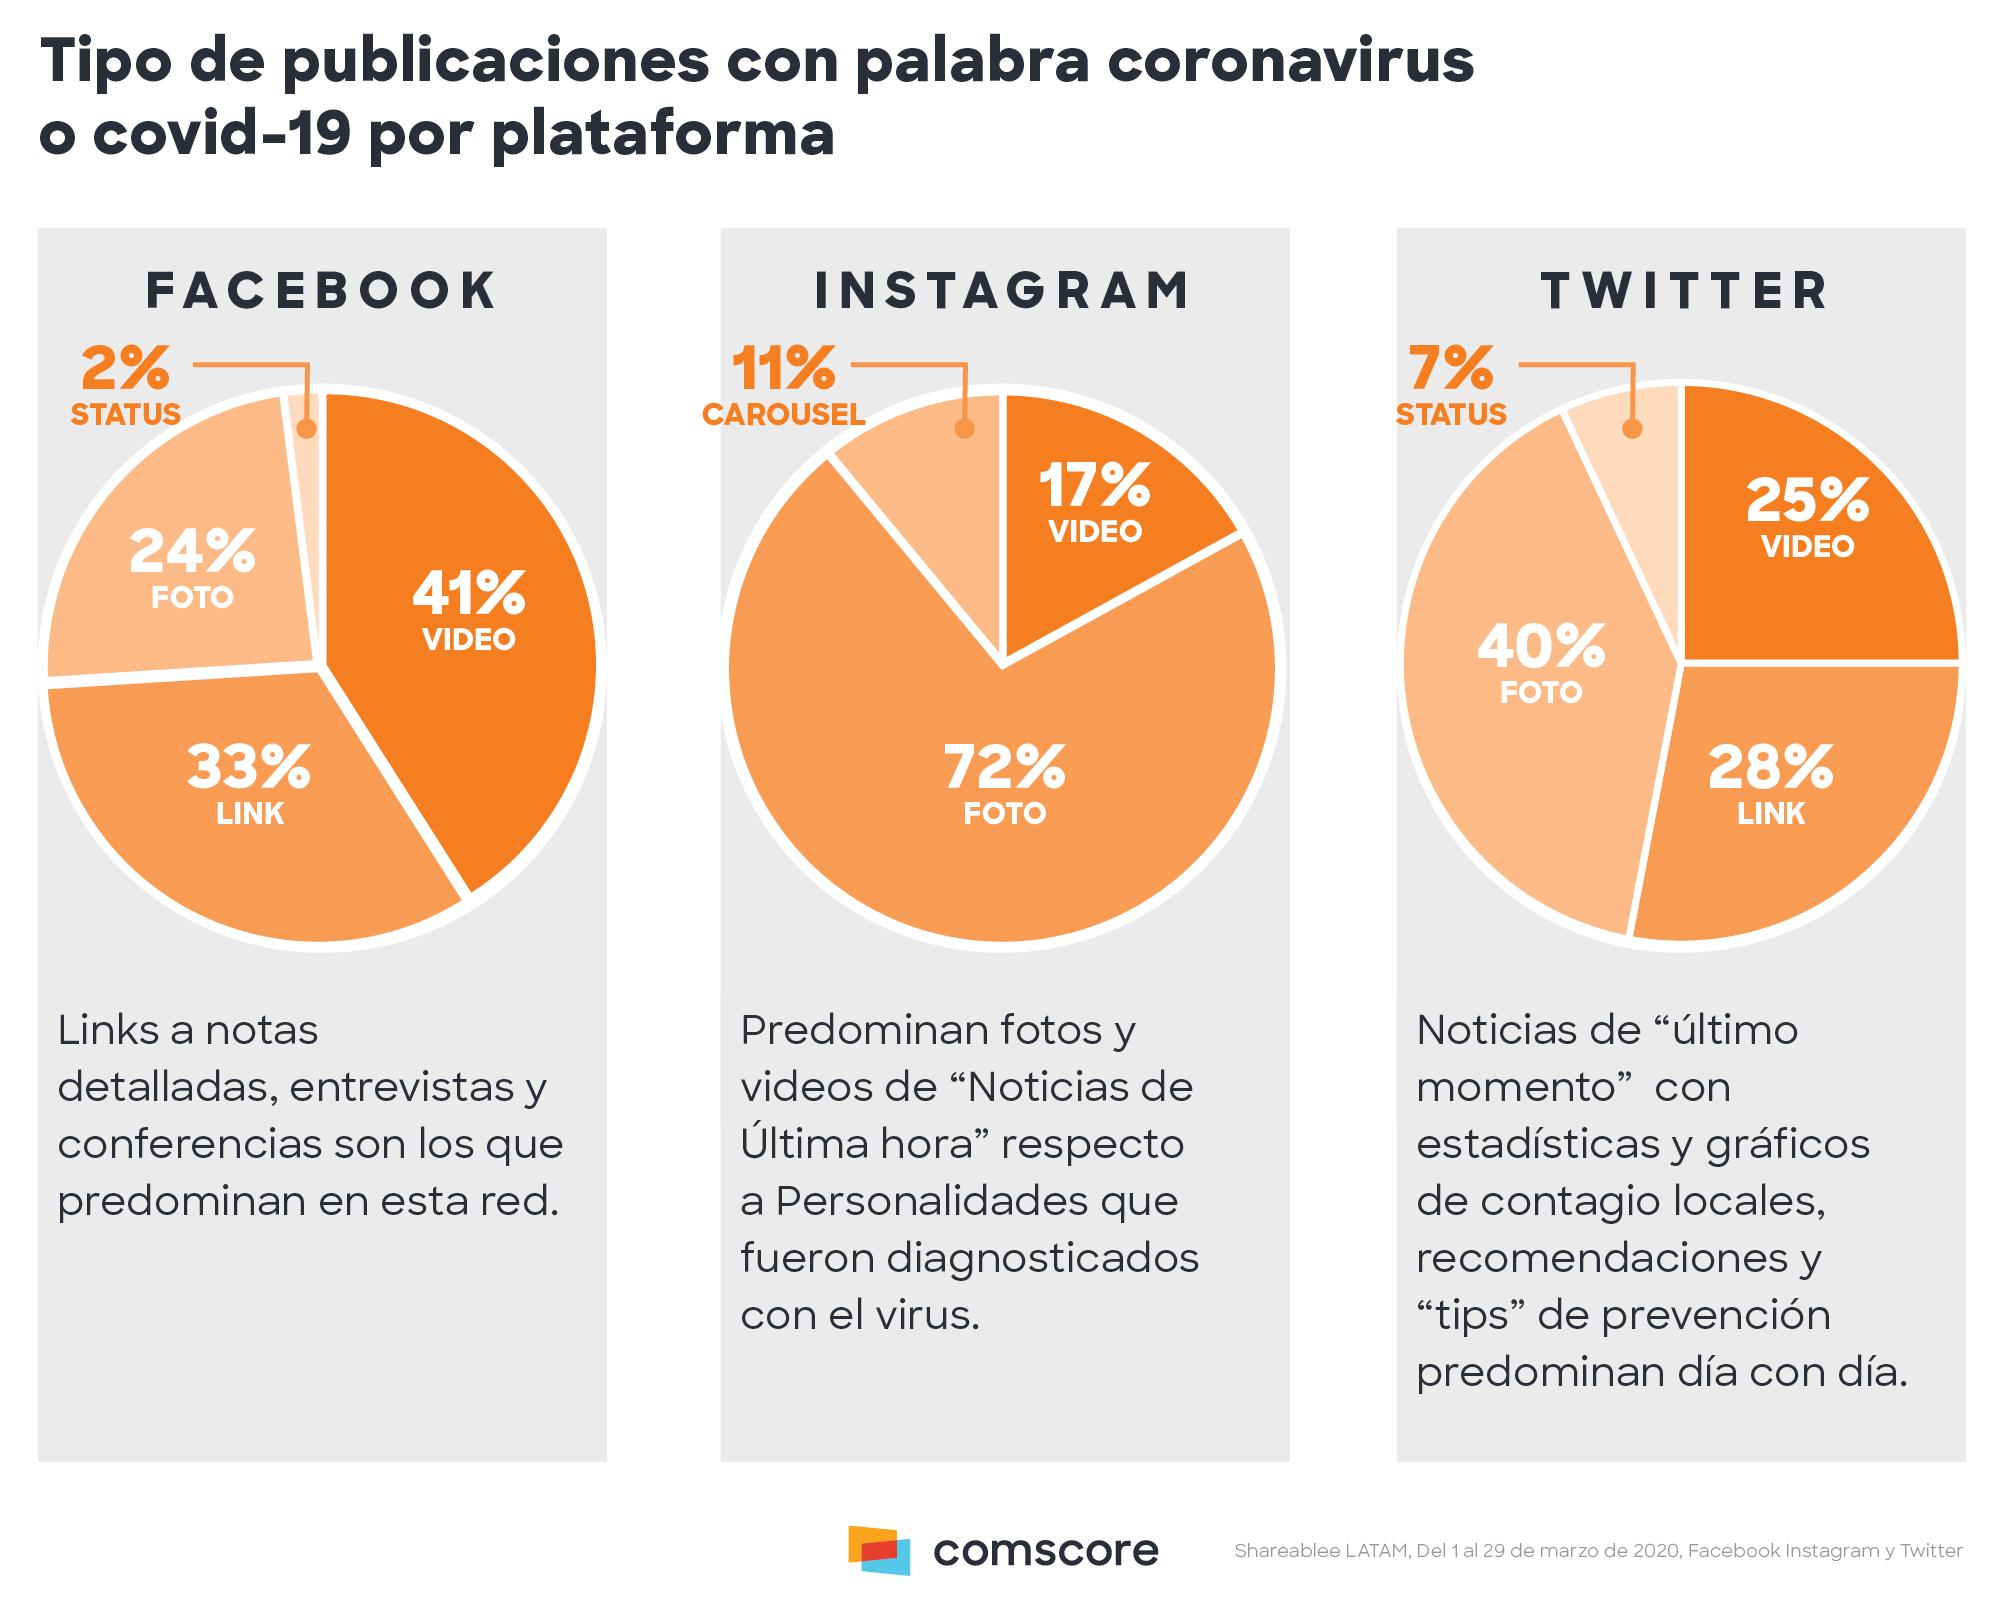 Tipos de publicaciones con la palabra Coronavirus o Covid-19 en redes sociales.